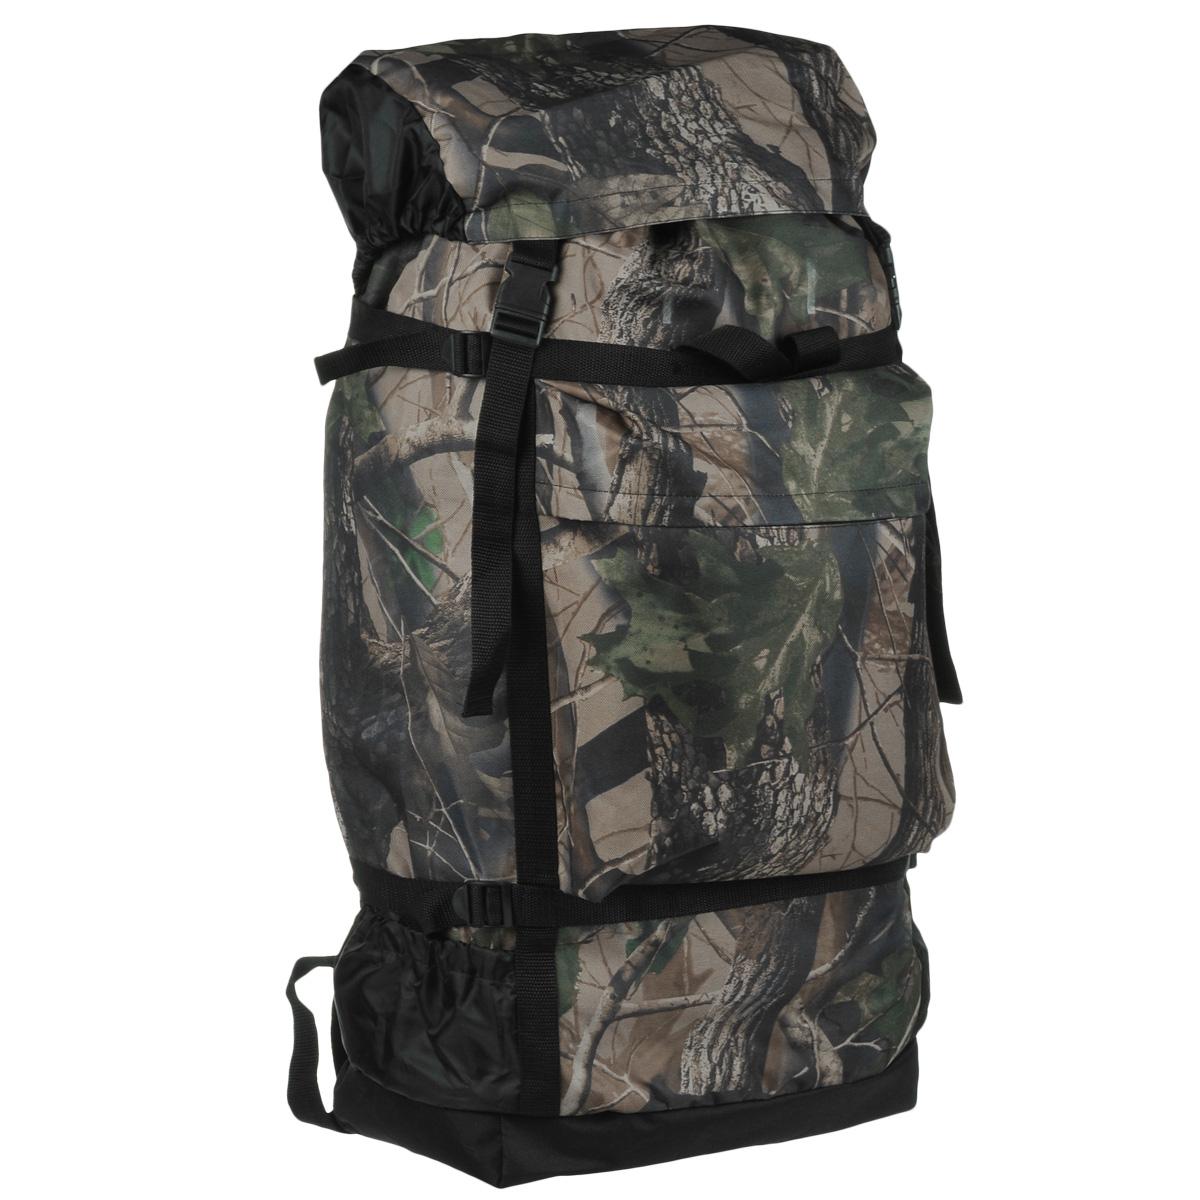 Рюкзак Huntsman Боровик, цвет: лес, 50 лVR-BL-50Очень легкий и компактный рюкзак Huntsman Боровик для охотников, рыболовов, грибников и дачников.Особенности:Непромокаемое дноКорпус усилен стропами с четырьмя боковыми стяжкамиСпереди один большой карман на молнии под клапаномРегулируемые лямки и спинка уплотнены вспененным полиэтиленомВерх рюкзака стягивается шнуром с фиксатором и закрывается клапаном с двумя защелкамиРучка для переноски рюкзака.Уважаемые клиенты! Обращаем ваше внимание на возможные изменения в цветовом дизайне, связанные с ассортиментом продукции. Поставка осуществляется в зависимости от наличия на складе.